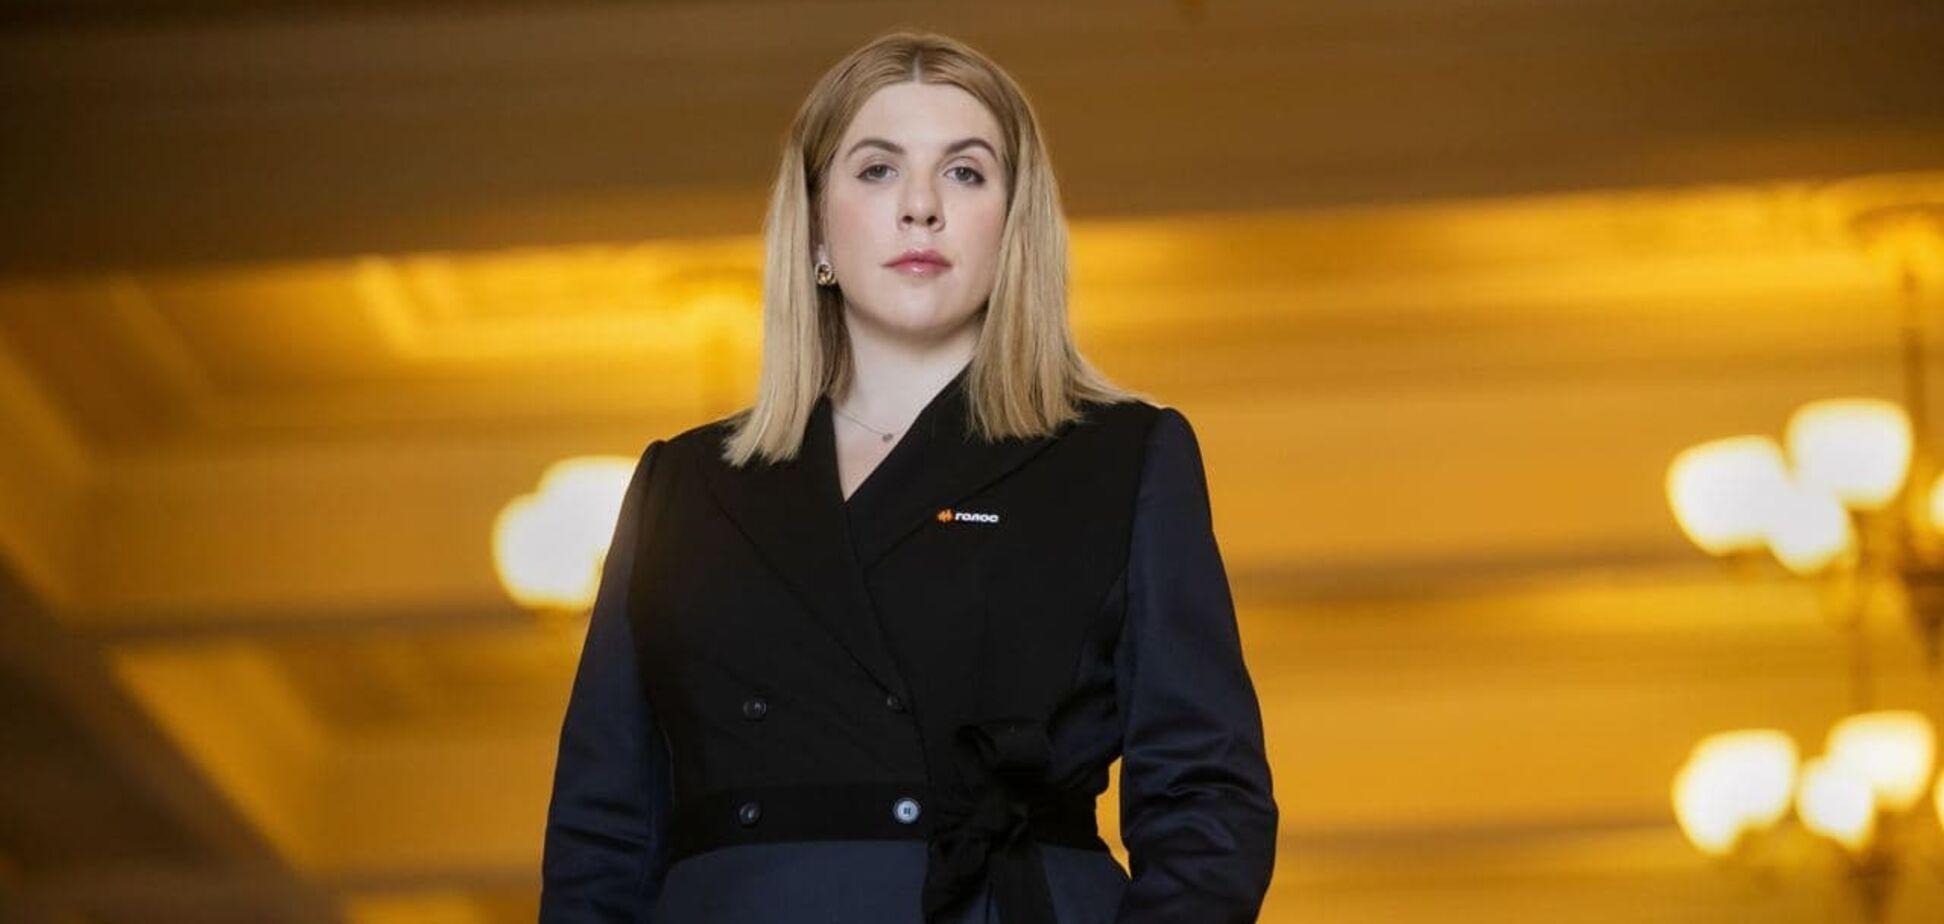 Рудик заявила, что 'Голос' будет инициировать создание ВСК, если Минздрав не начнет аудит действий Степанова